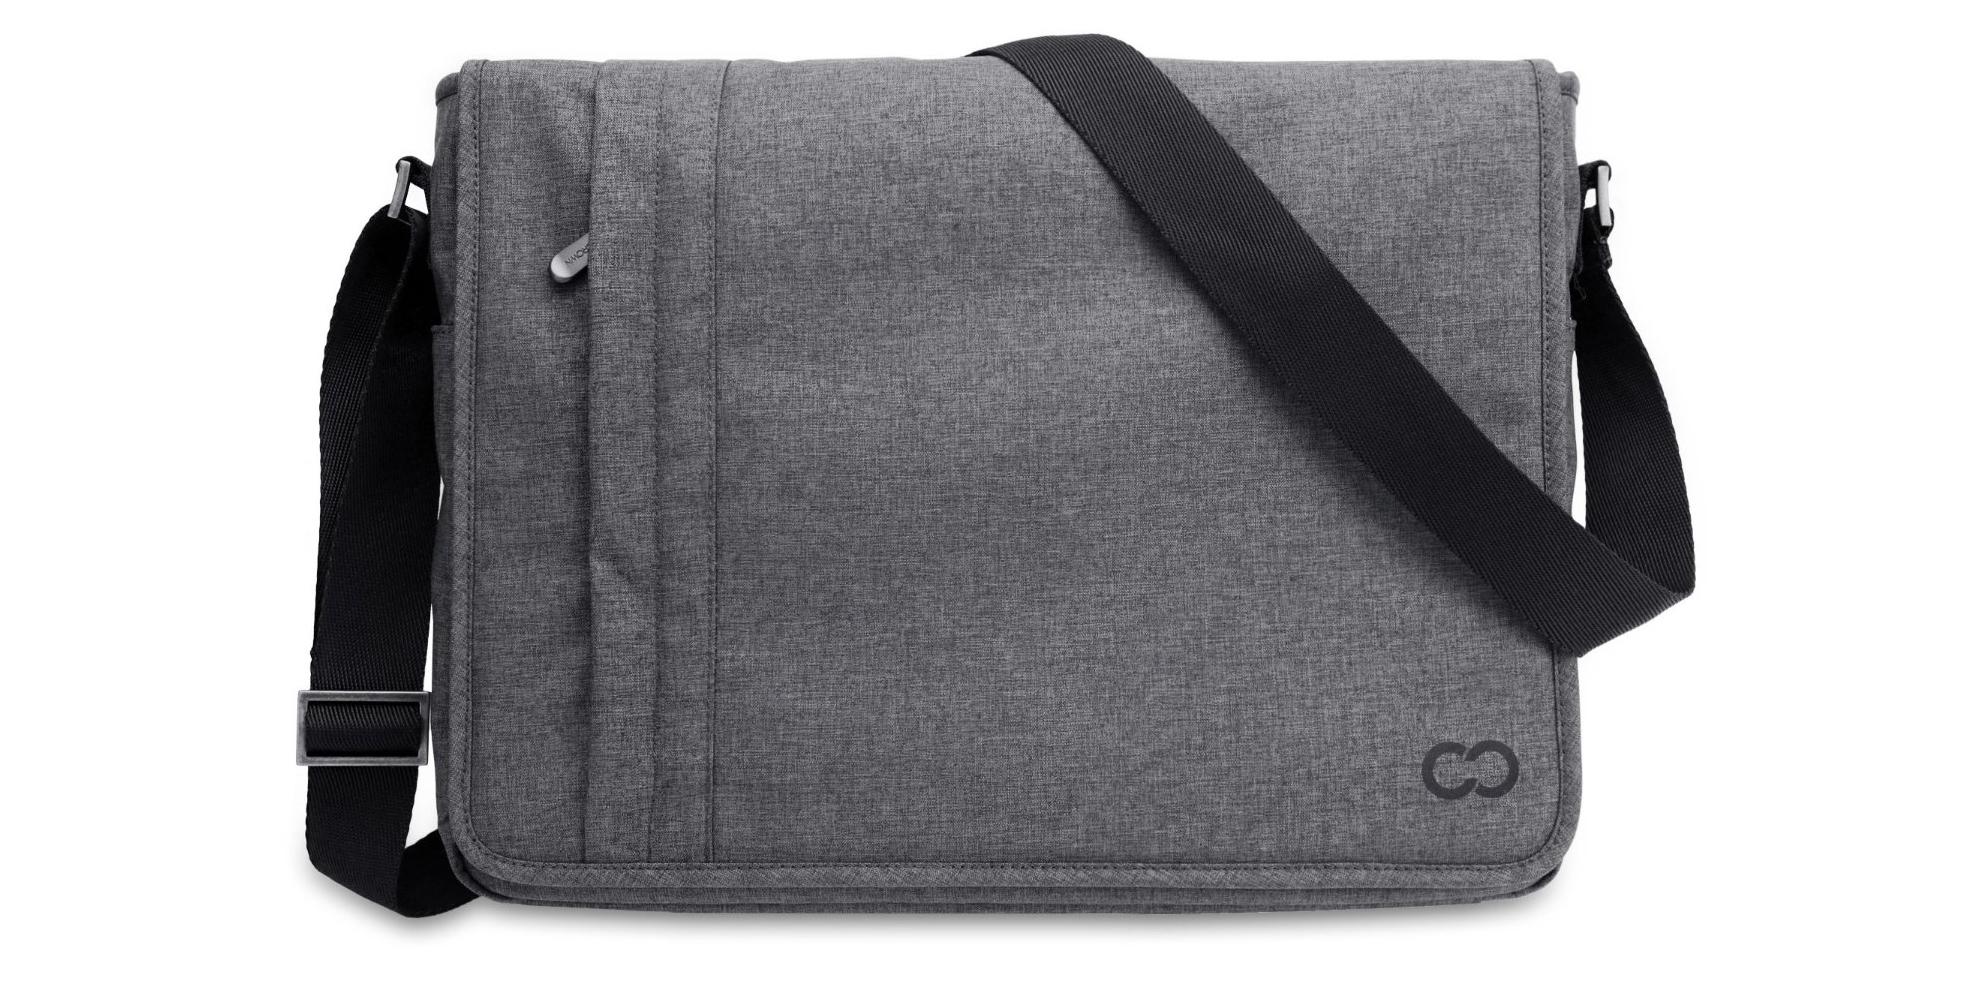 casecrown-messenger-bag